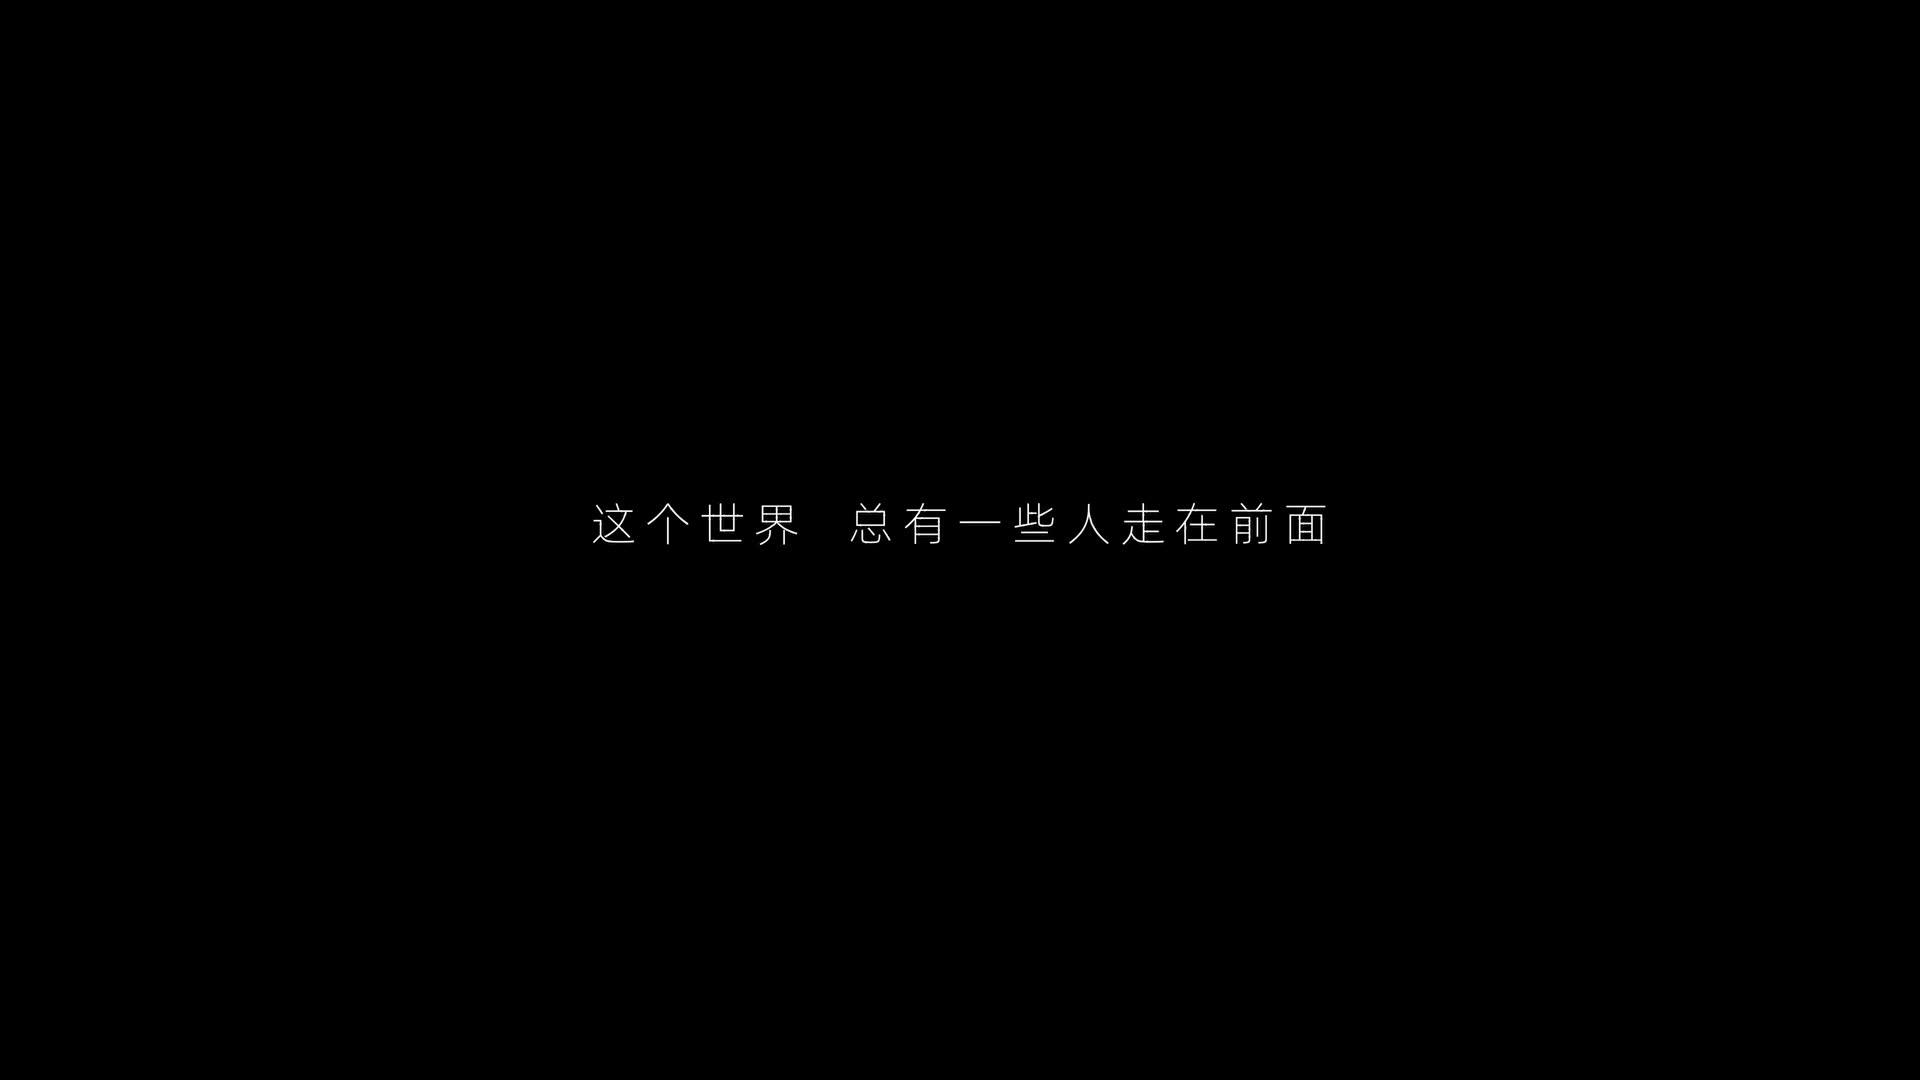 深圳机场宣传片《向前》